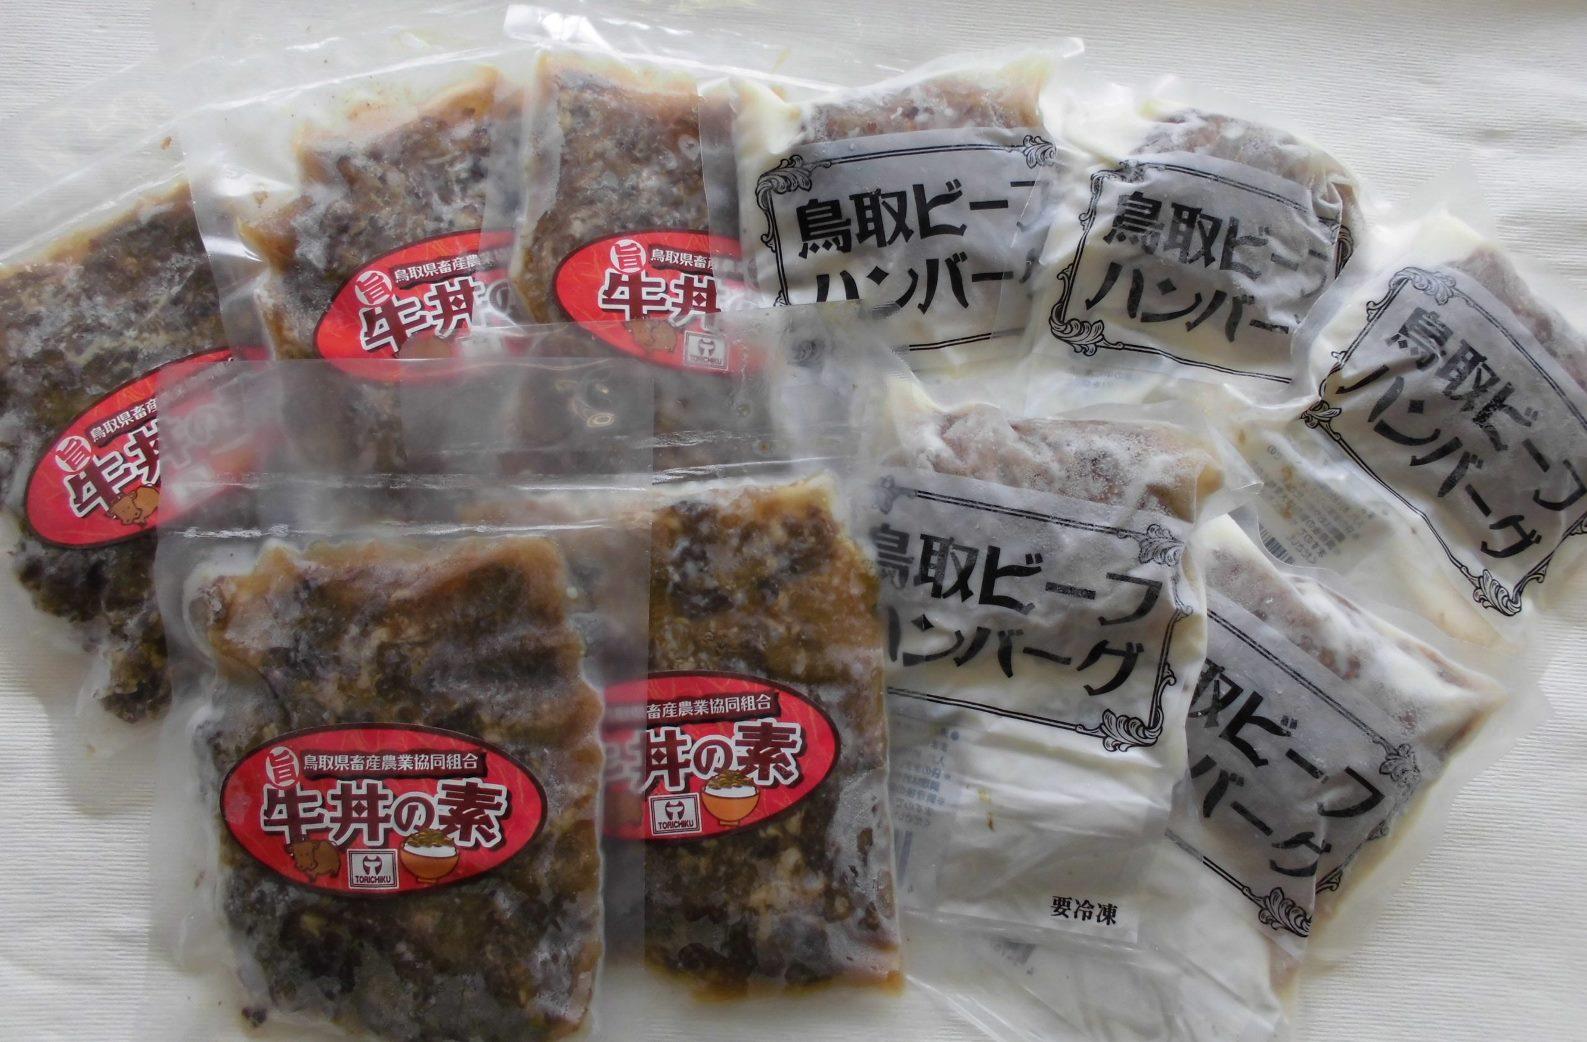 【ふるさと納税】119 とりちく牛丼の素・鳥取ビーフハンバーグ詰め合わせ